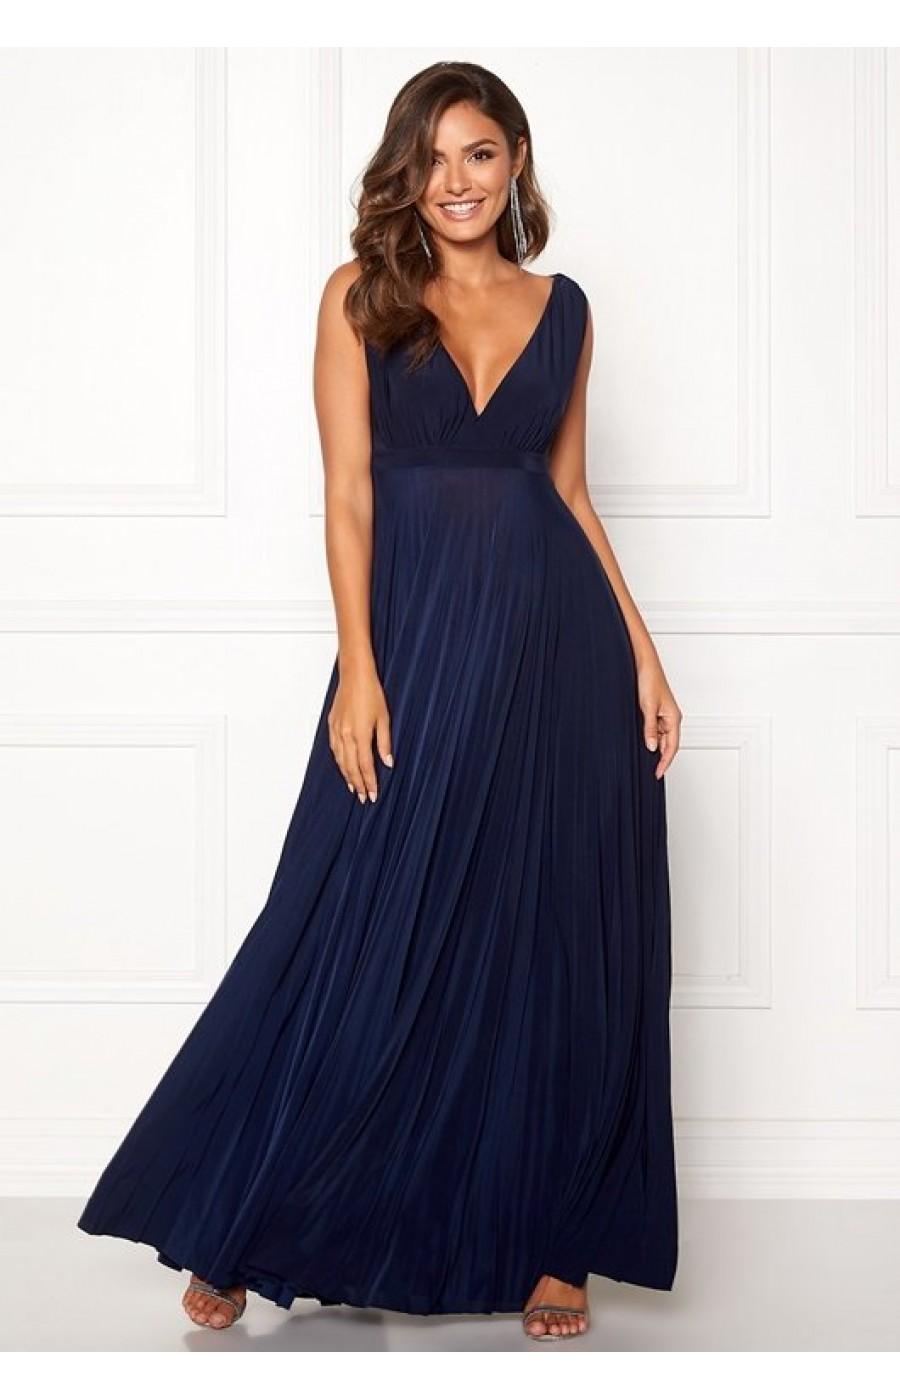 Χυτό Navy φόρεμα με πλισέ κάτω